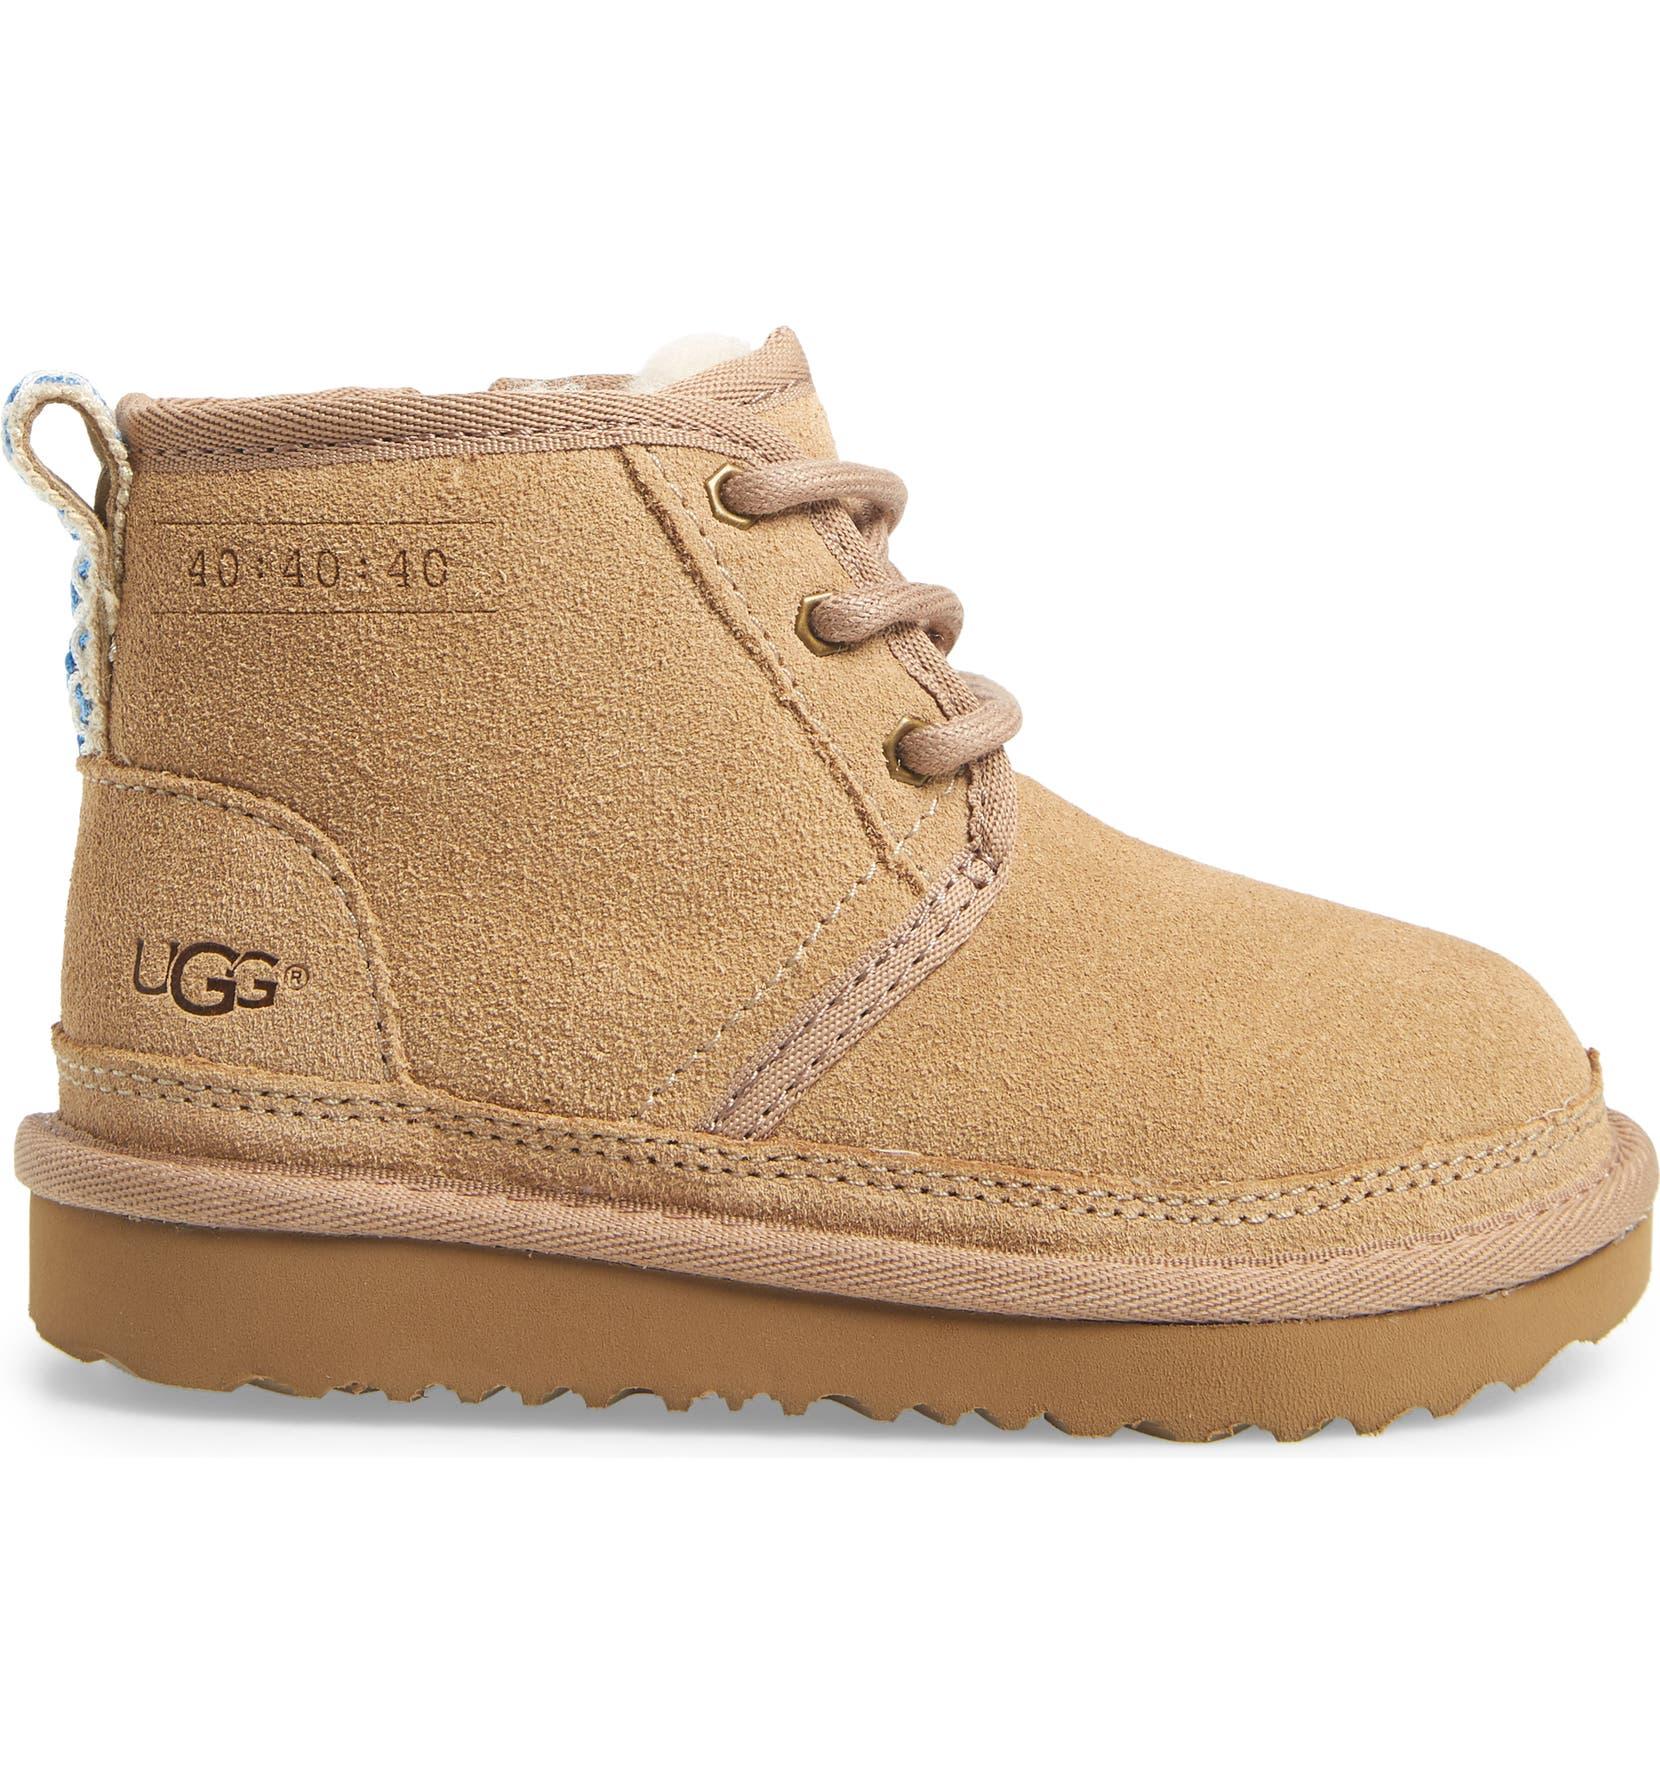 b55d7e3d3a0 UGG® Neumel 40:40:40 Anniversary Boot (Walker & Toddler) (Limited ...